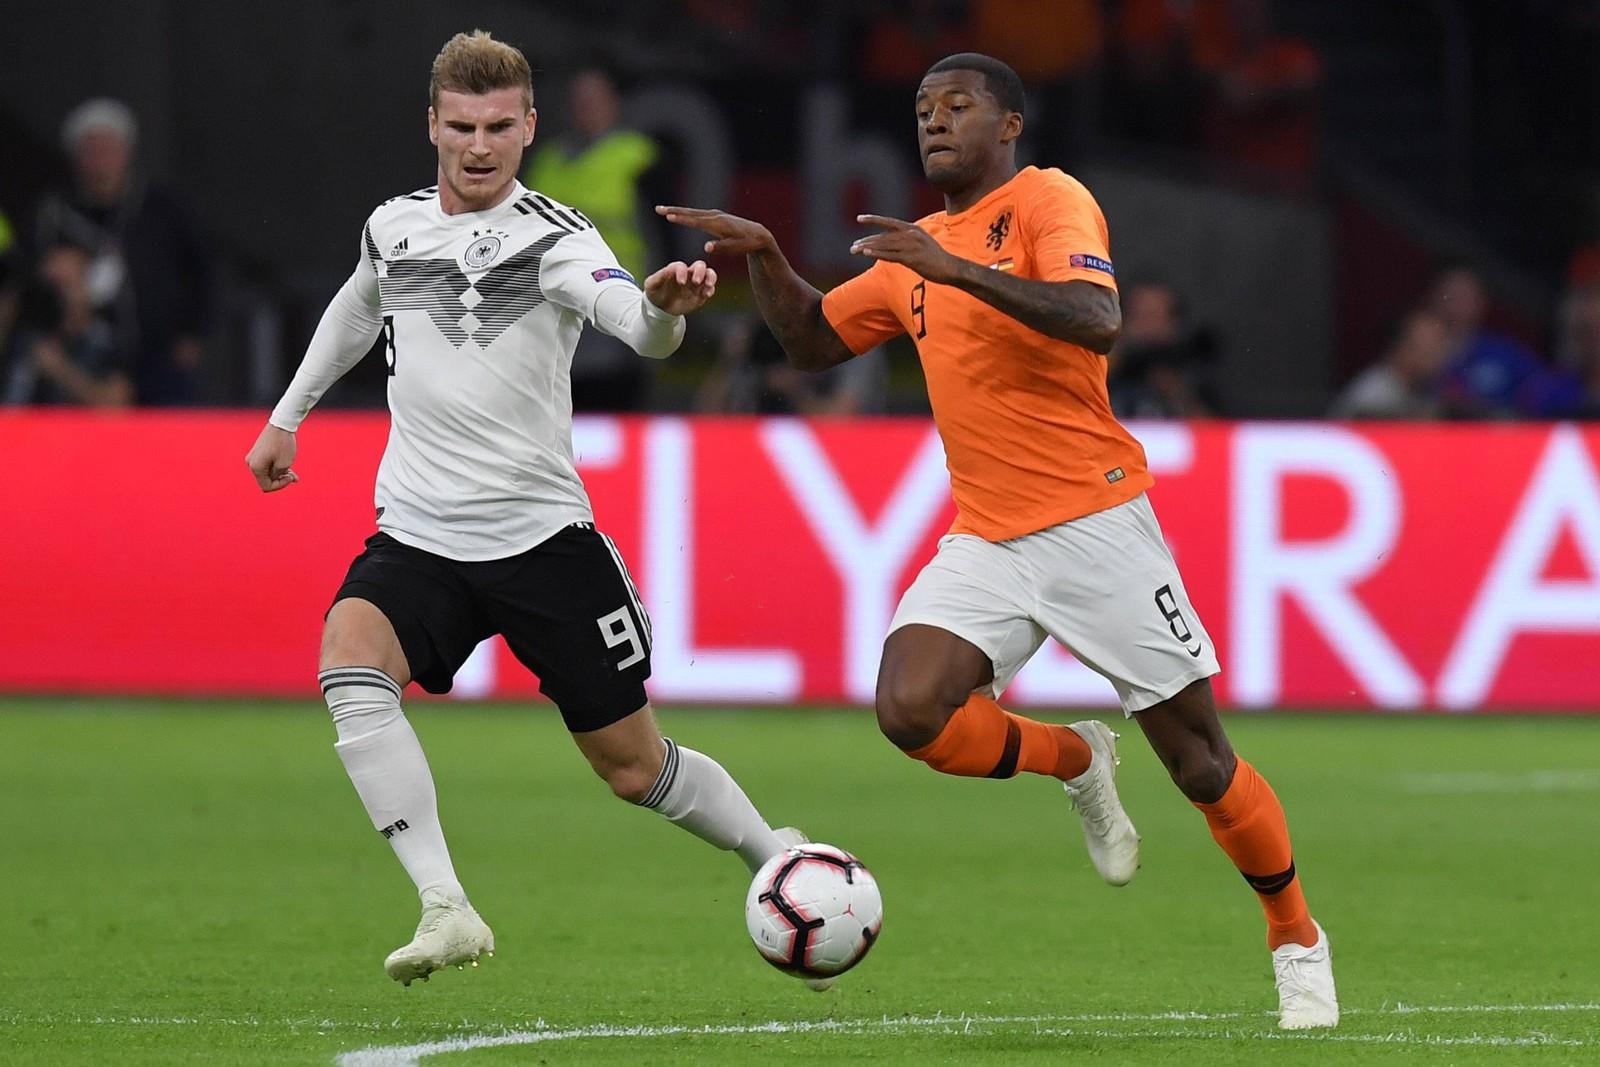 Timo Werner (l.) im Laufduell mit Georginio Wijnaldum + Jetzt auf Deutschland vs Niederlande wetten